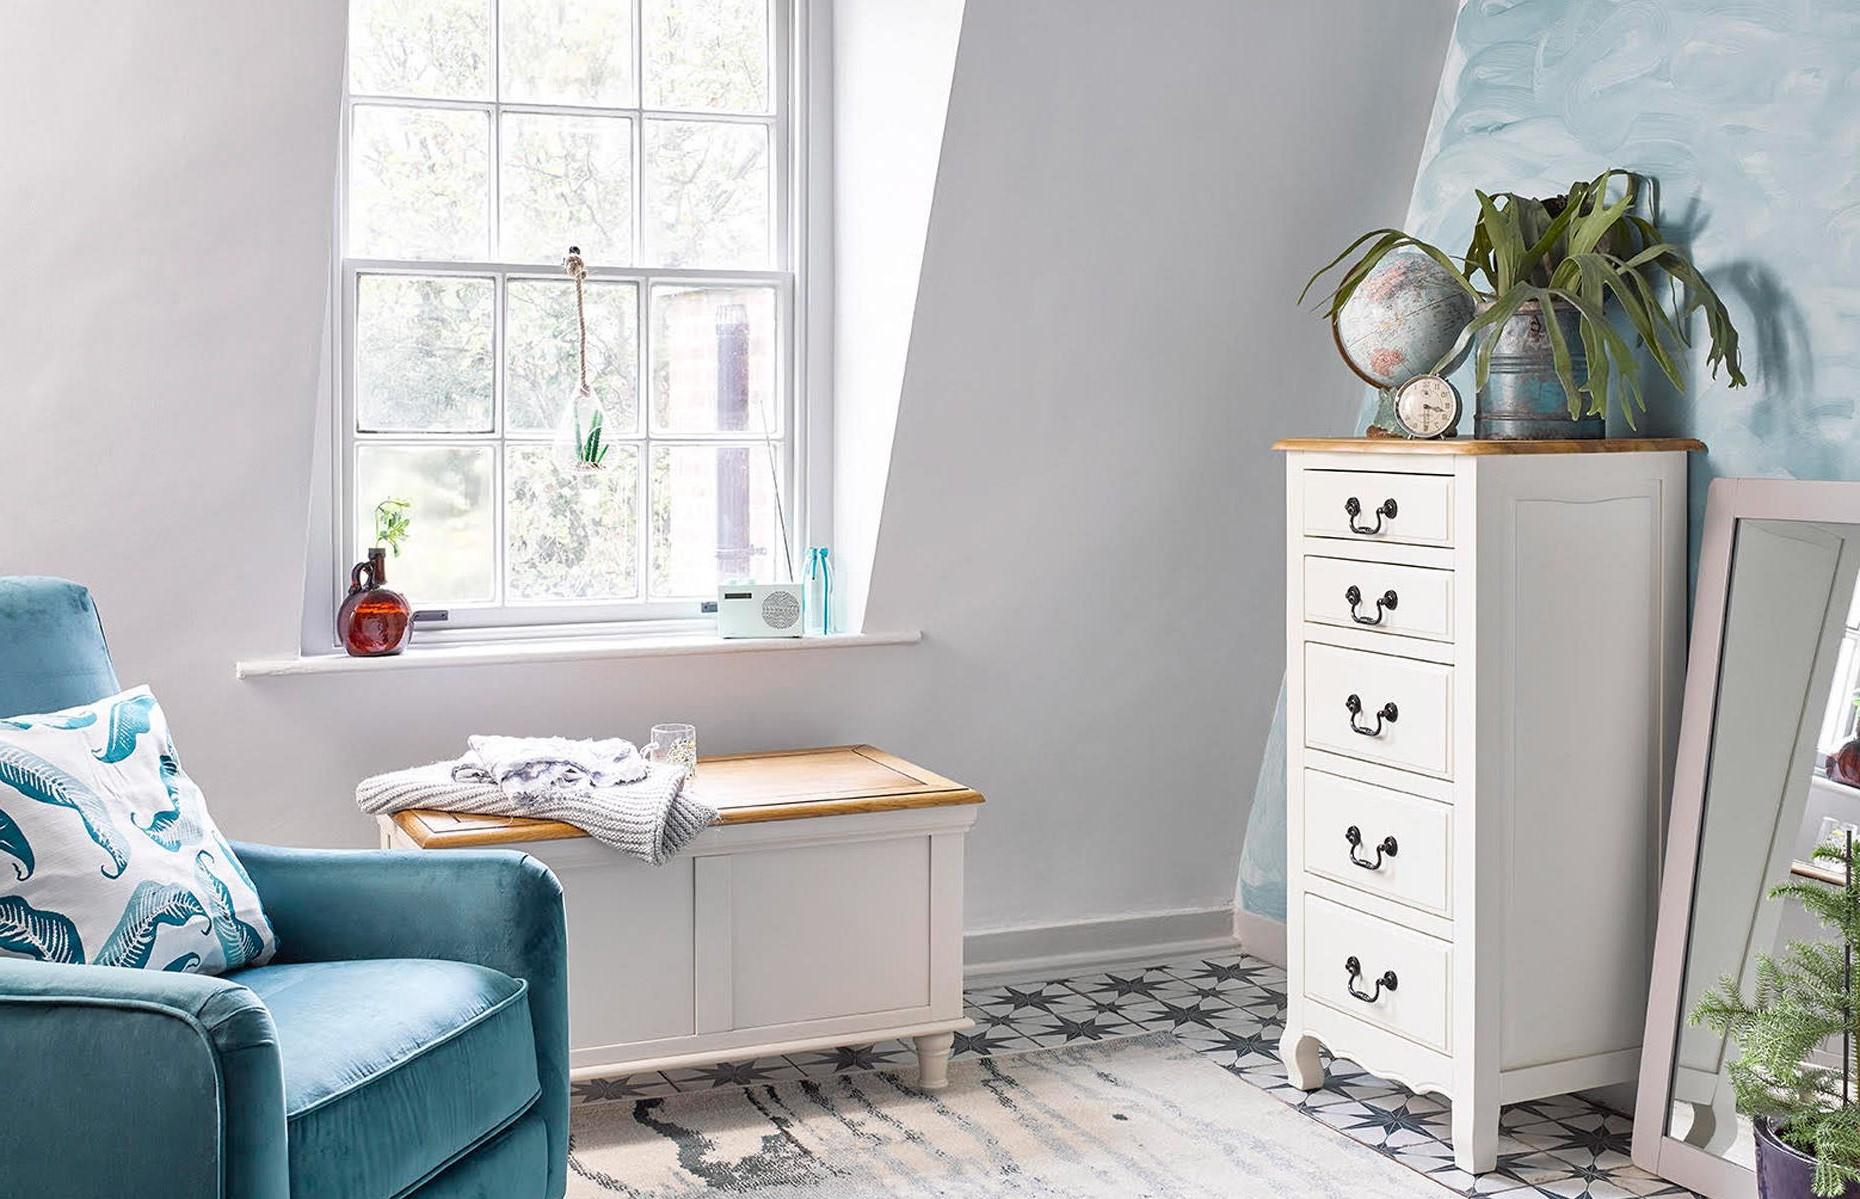 Ce banc de rangement en bois pratique a reçu une nouvelle vie en tant que mini-siège de fenêtre.